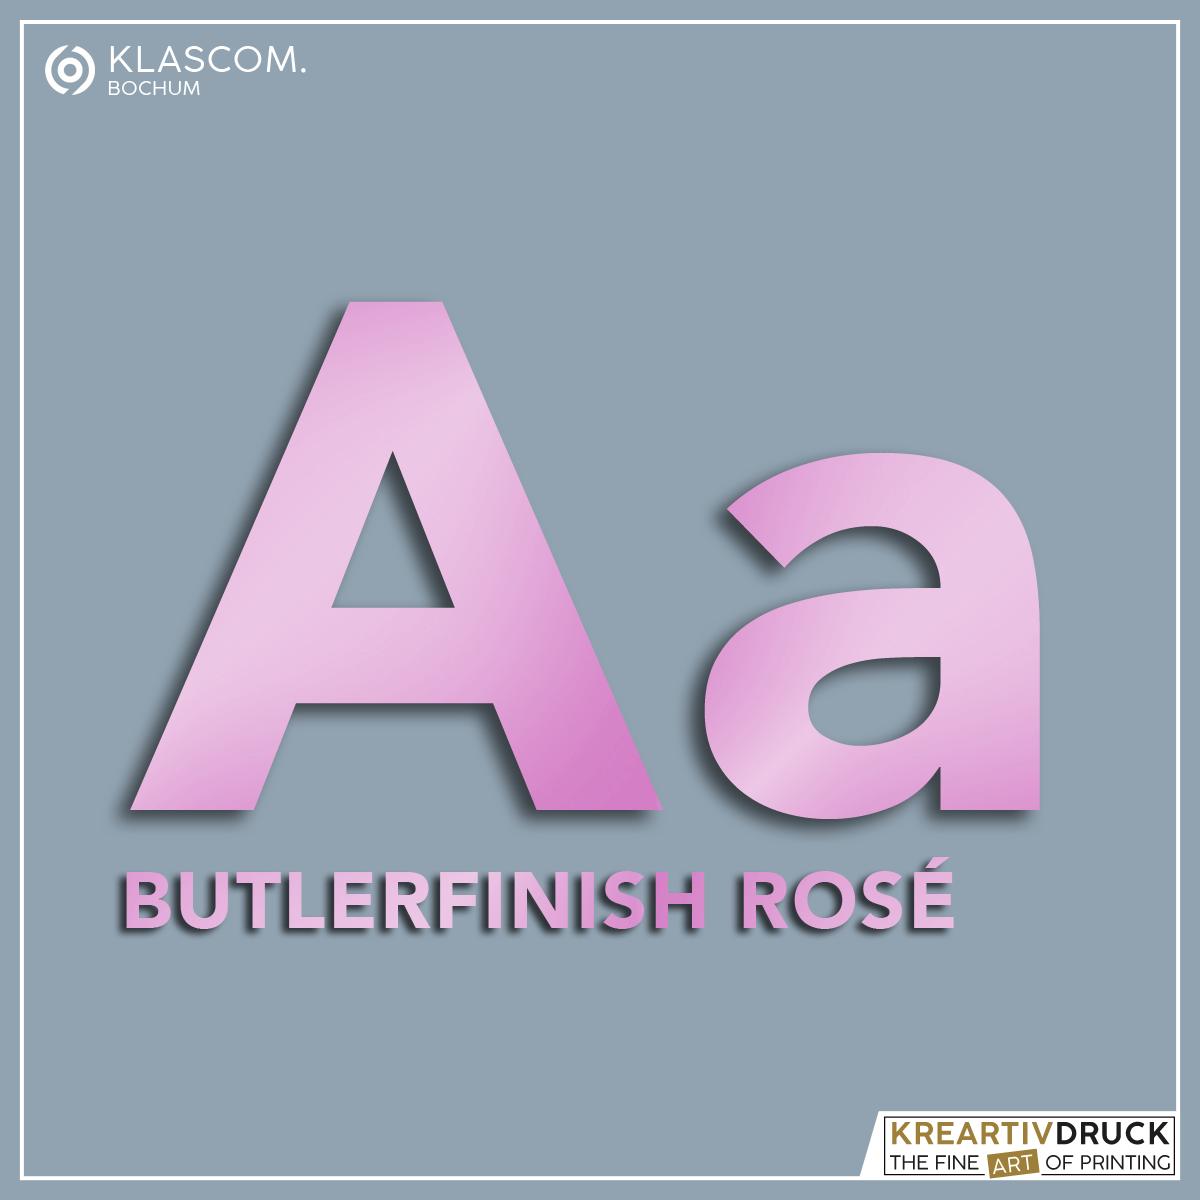 butlerfinish_rose